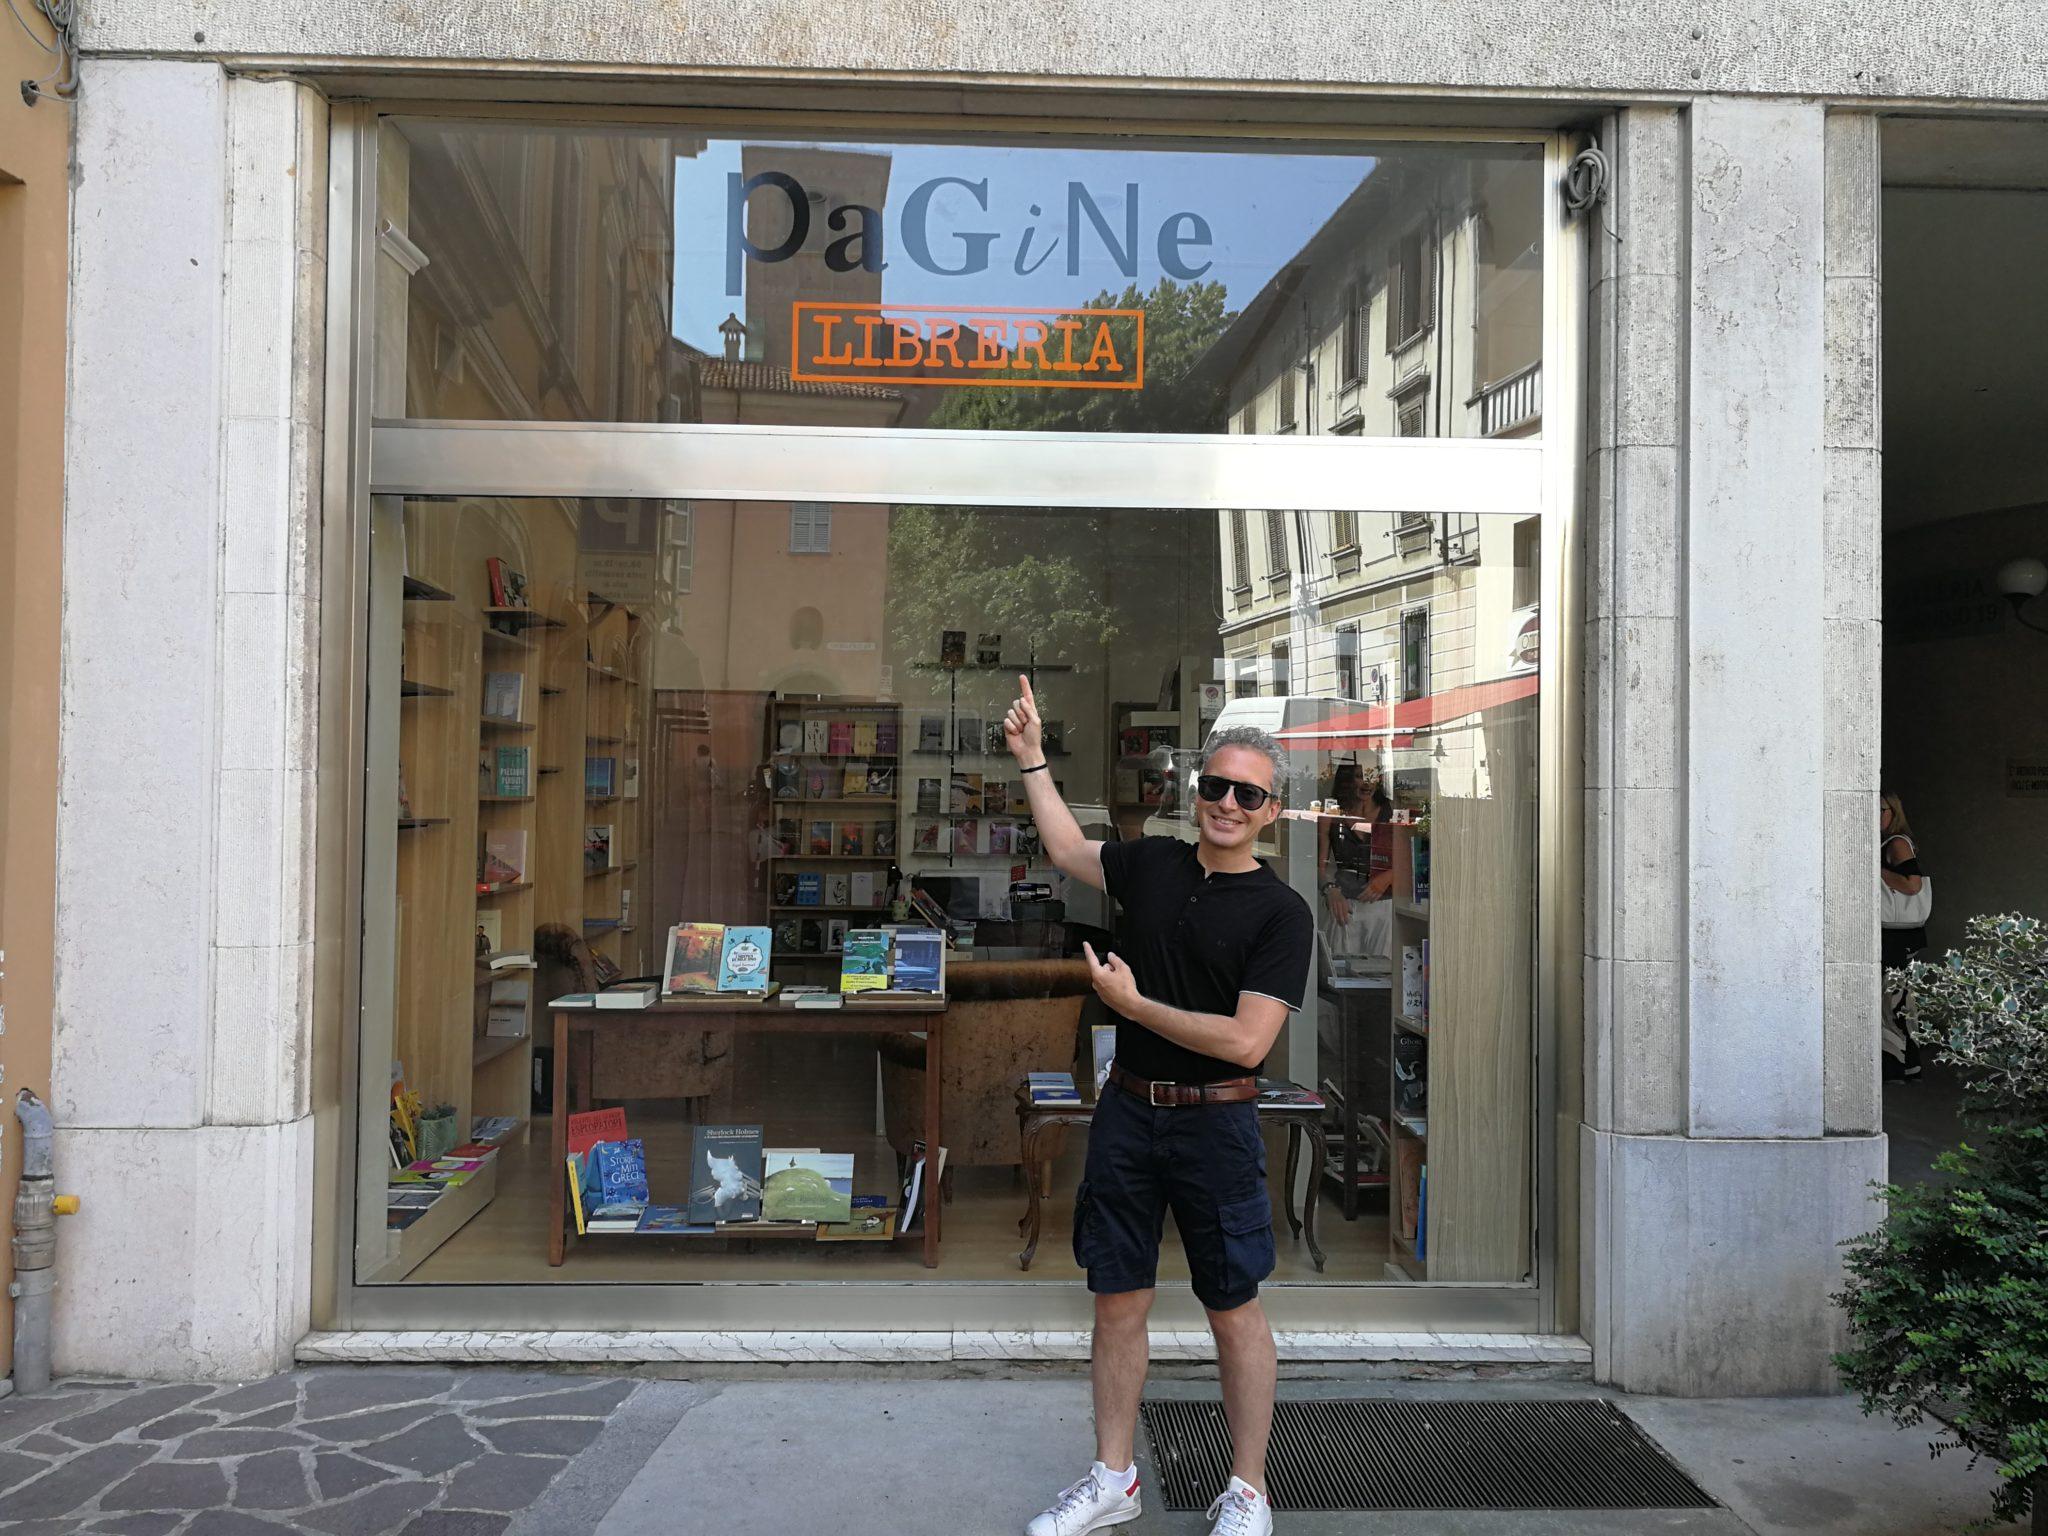 A Piacenza ha appena aperto una nuova libreria. Propone narrativa nordamericana e letteratura sudamericana: in pochi metri quadri, oltre 16.000 km di storie